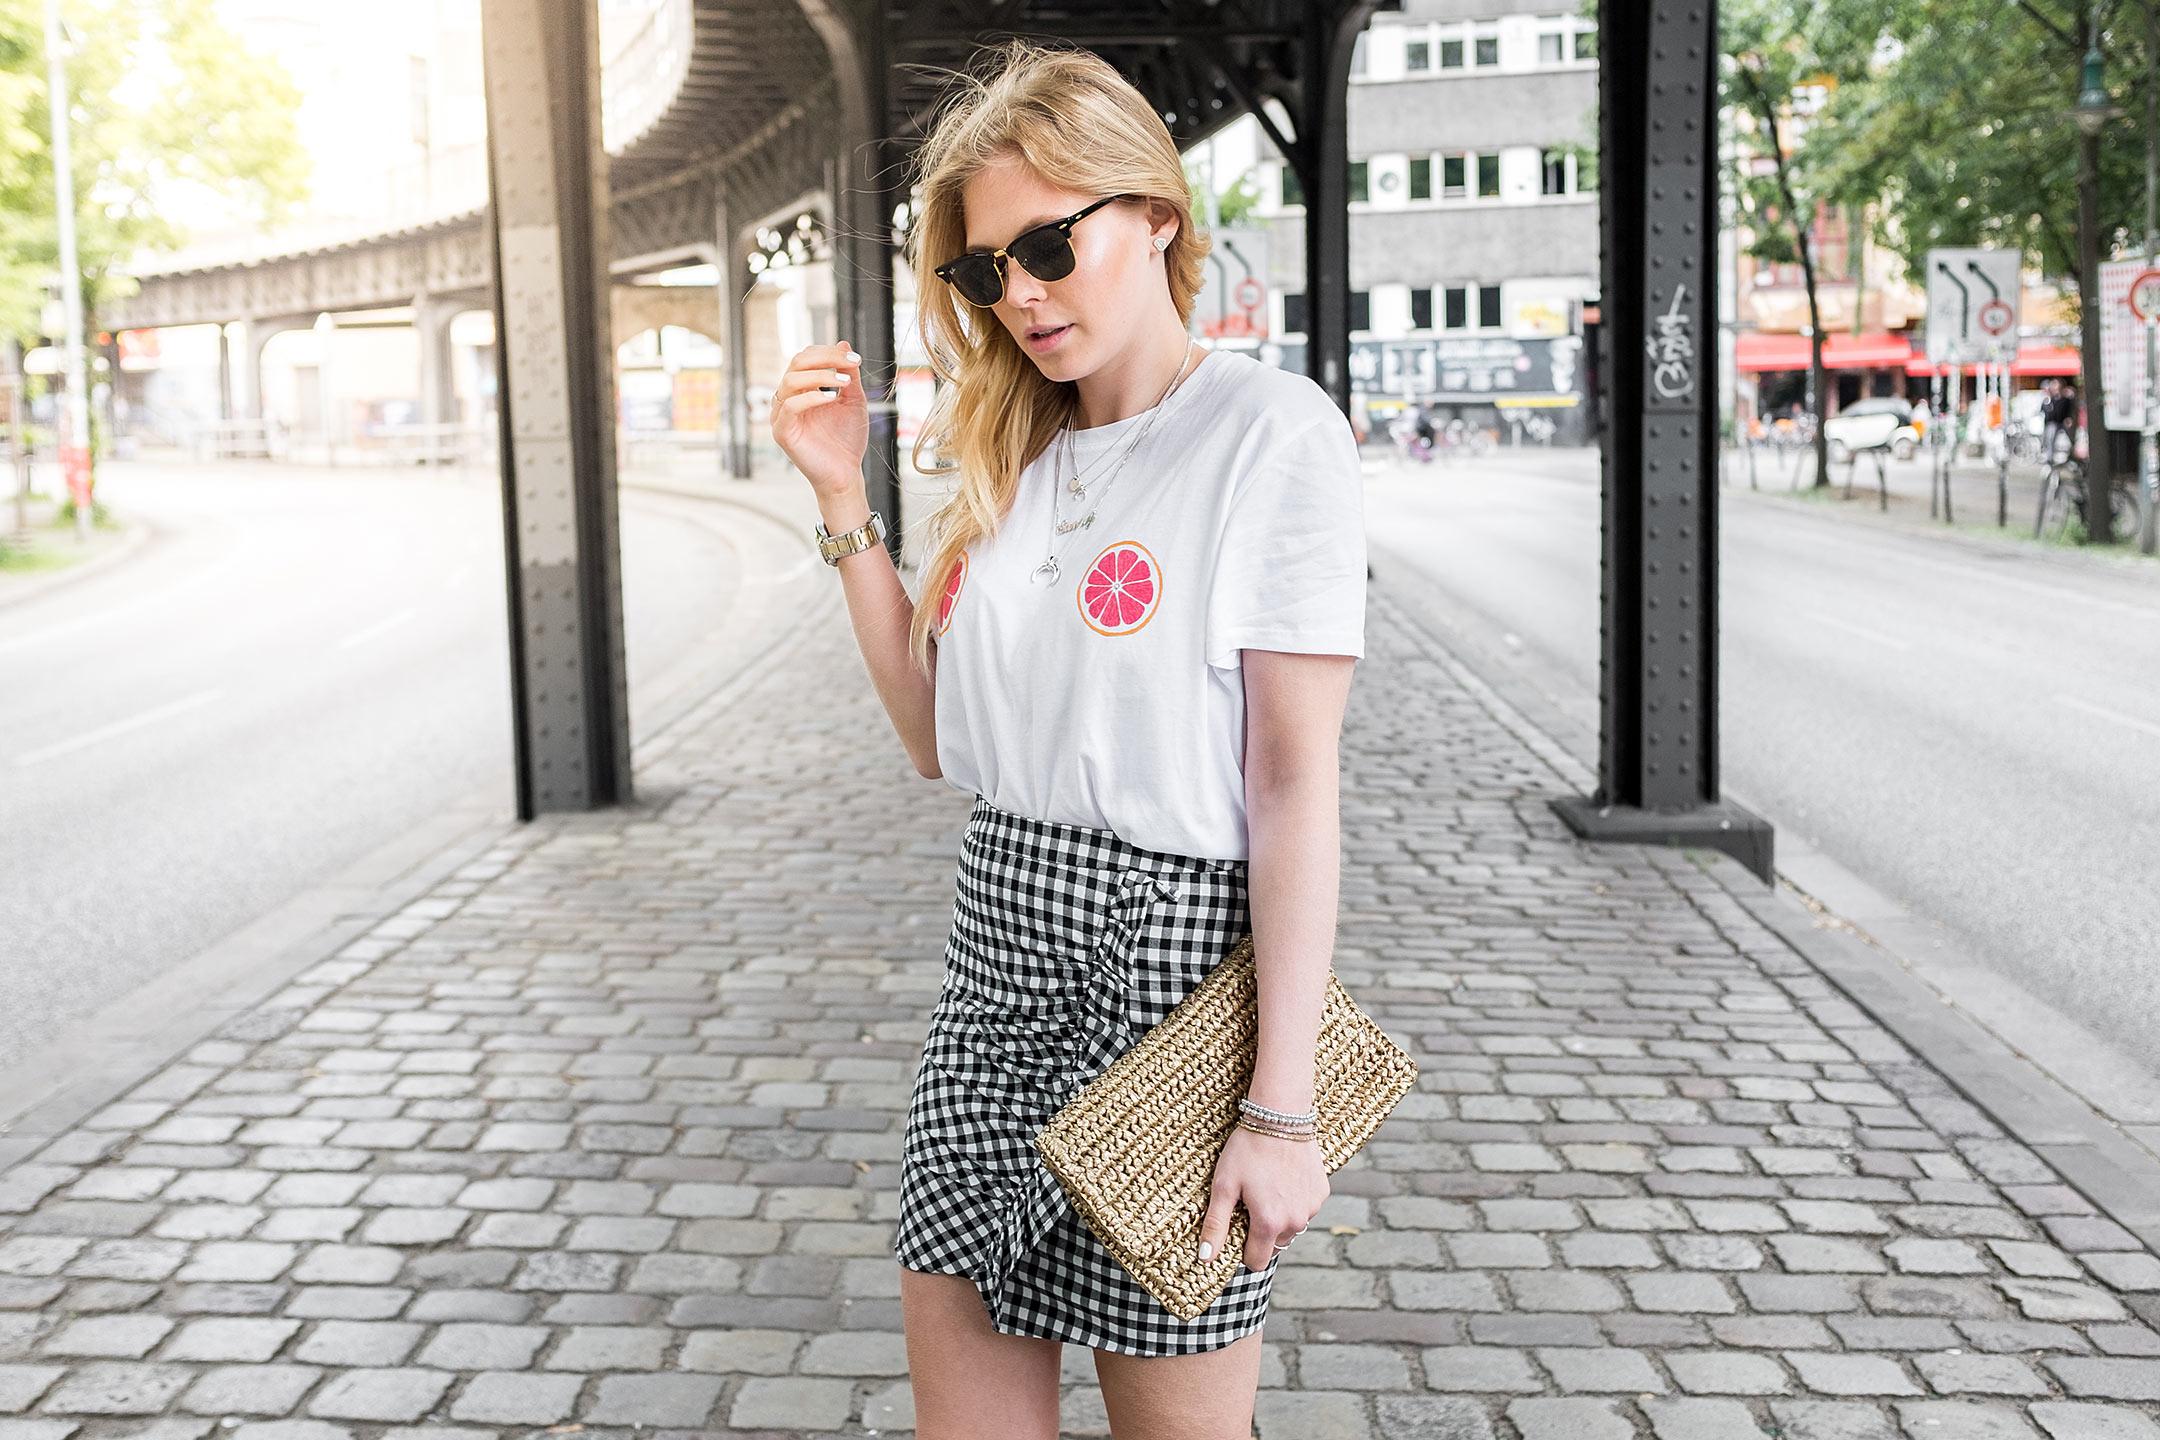 Karorock Basttasche Outfit Fashion Blog Düsseldorf Sunnyinga